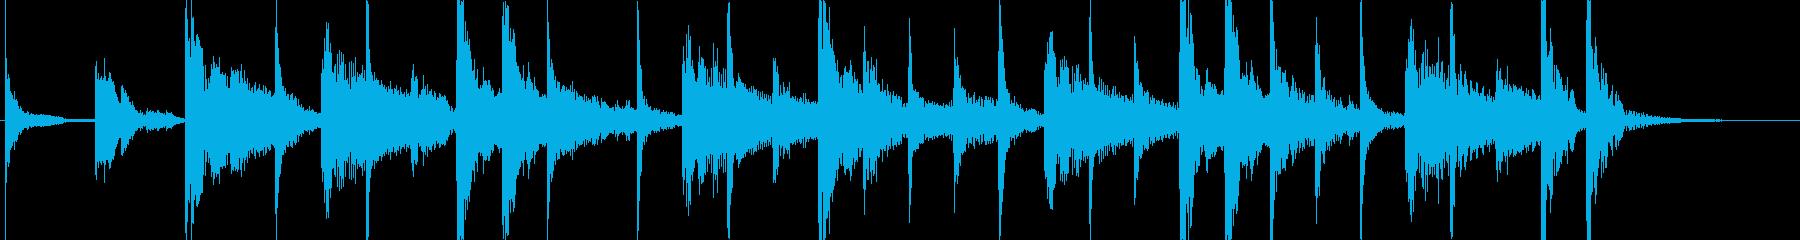 ラテンなジングル ♩=120の再生済みの波形